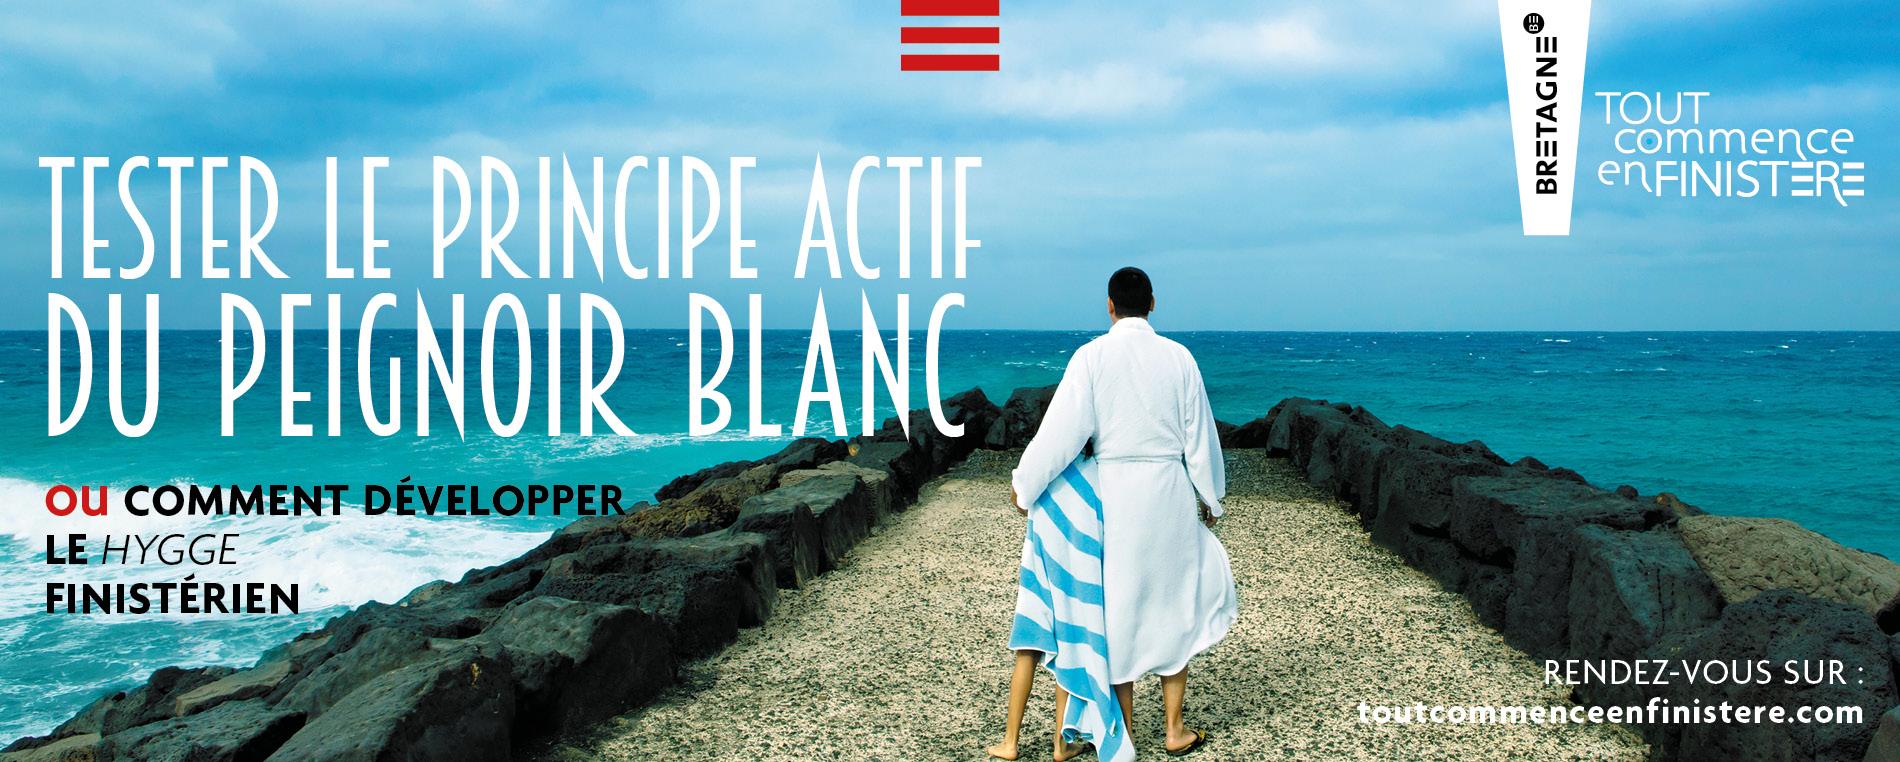 Que faire en Finistère du 28 septembre au 4 octobre ?